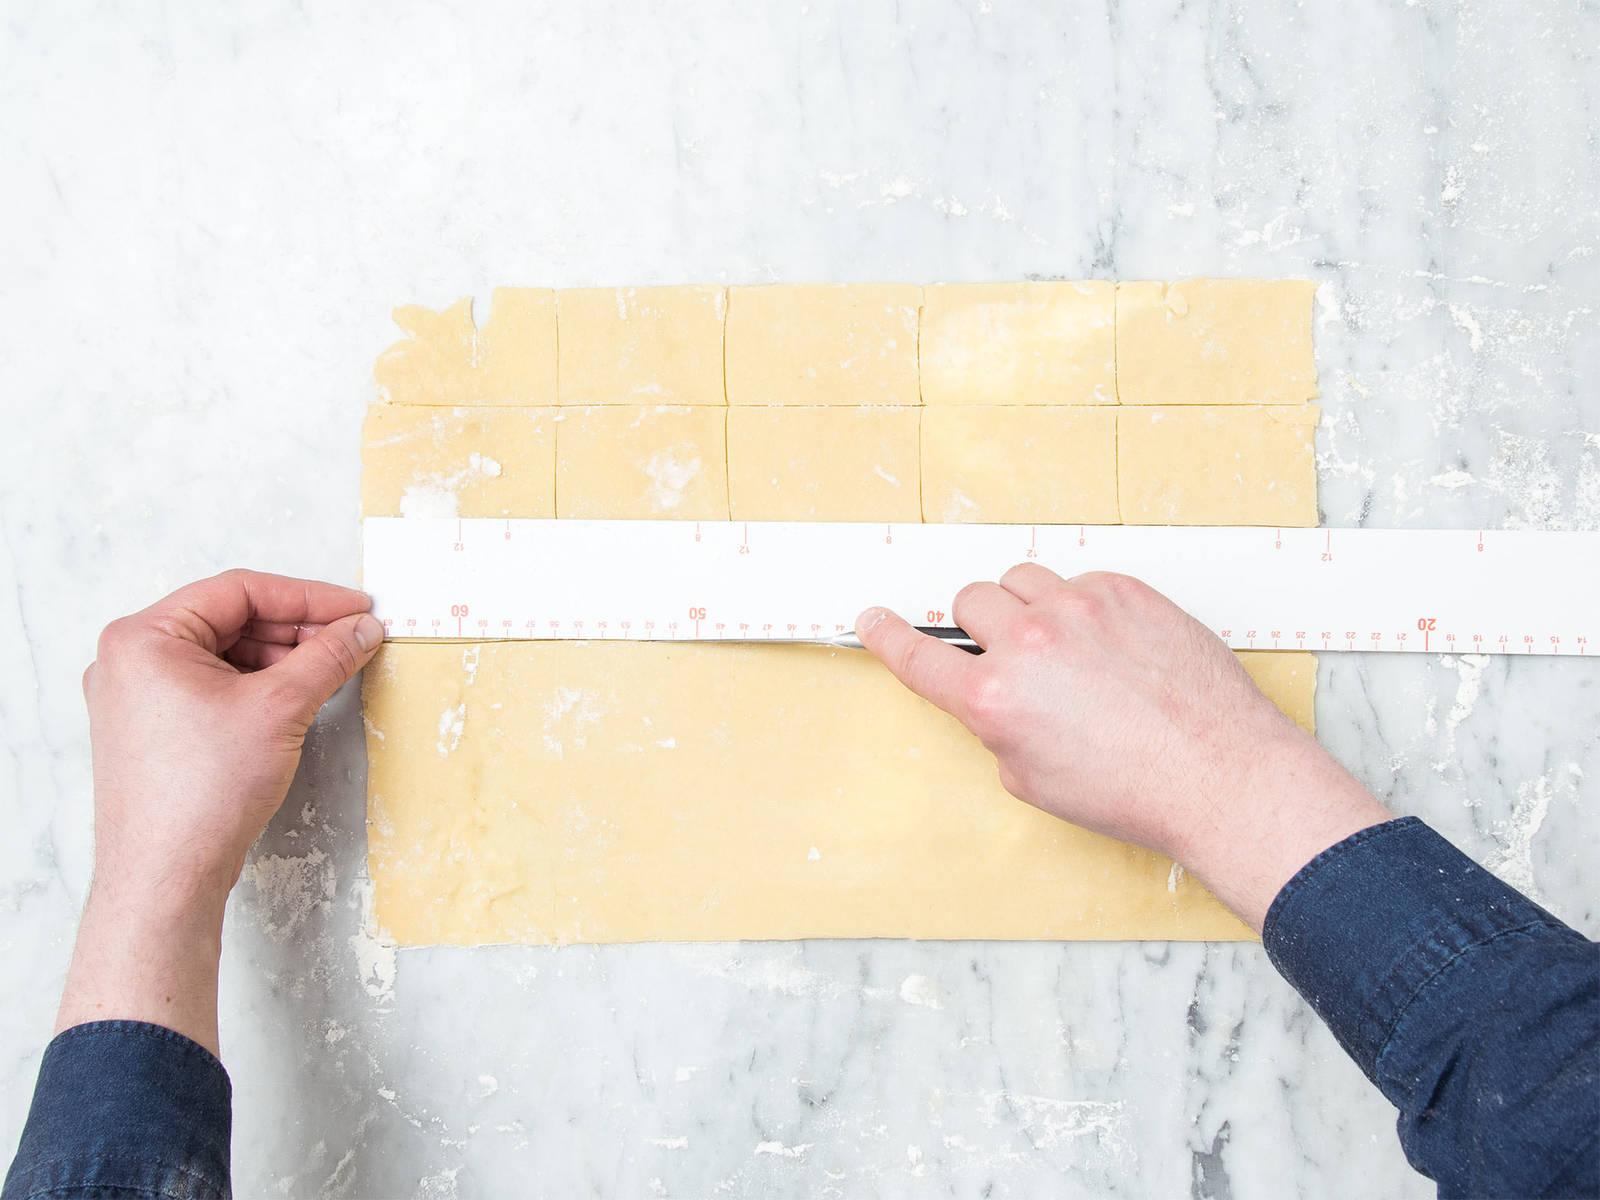 Den Teig auf einer bemehlte Arbeitsfläche ausrollen, bis er ca. 3-mm dick ist. Die Ränder mit einem Messer gerade schneiden und den Teig in 5x8-cm große Rechtecke schneiden. Die Hälfte der Teigstücke auf ein mit Backpapier ausgelegtes Backblech legen.